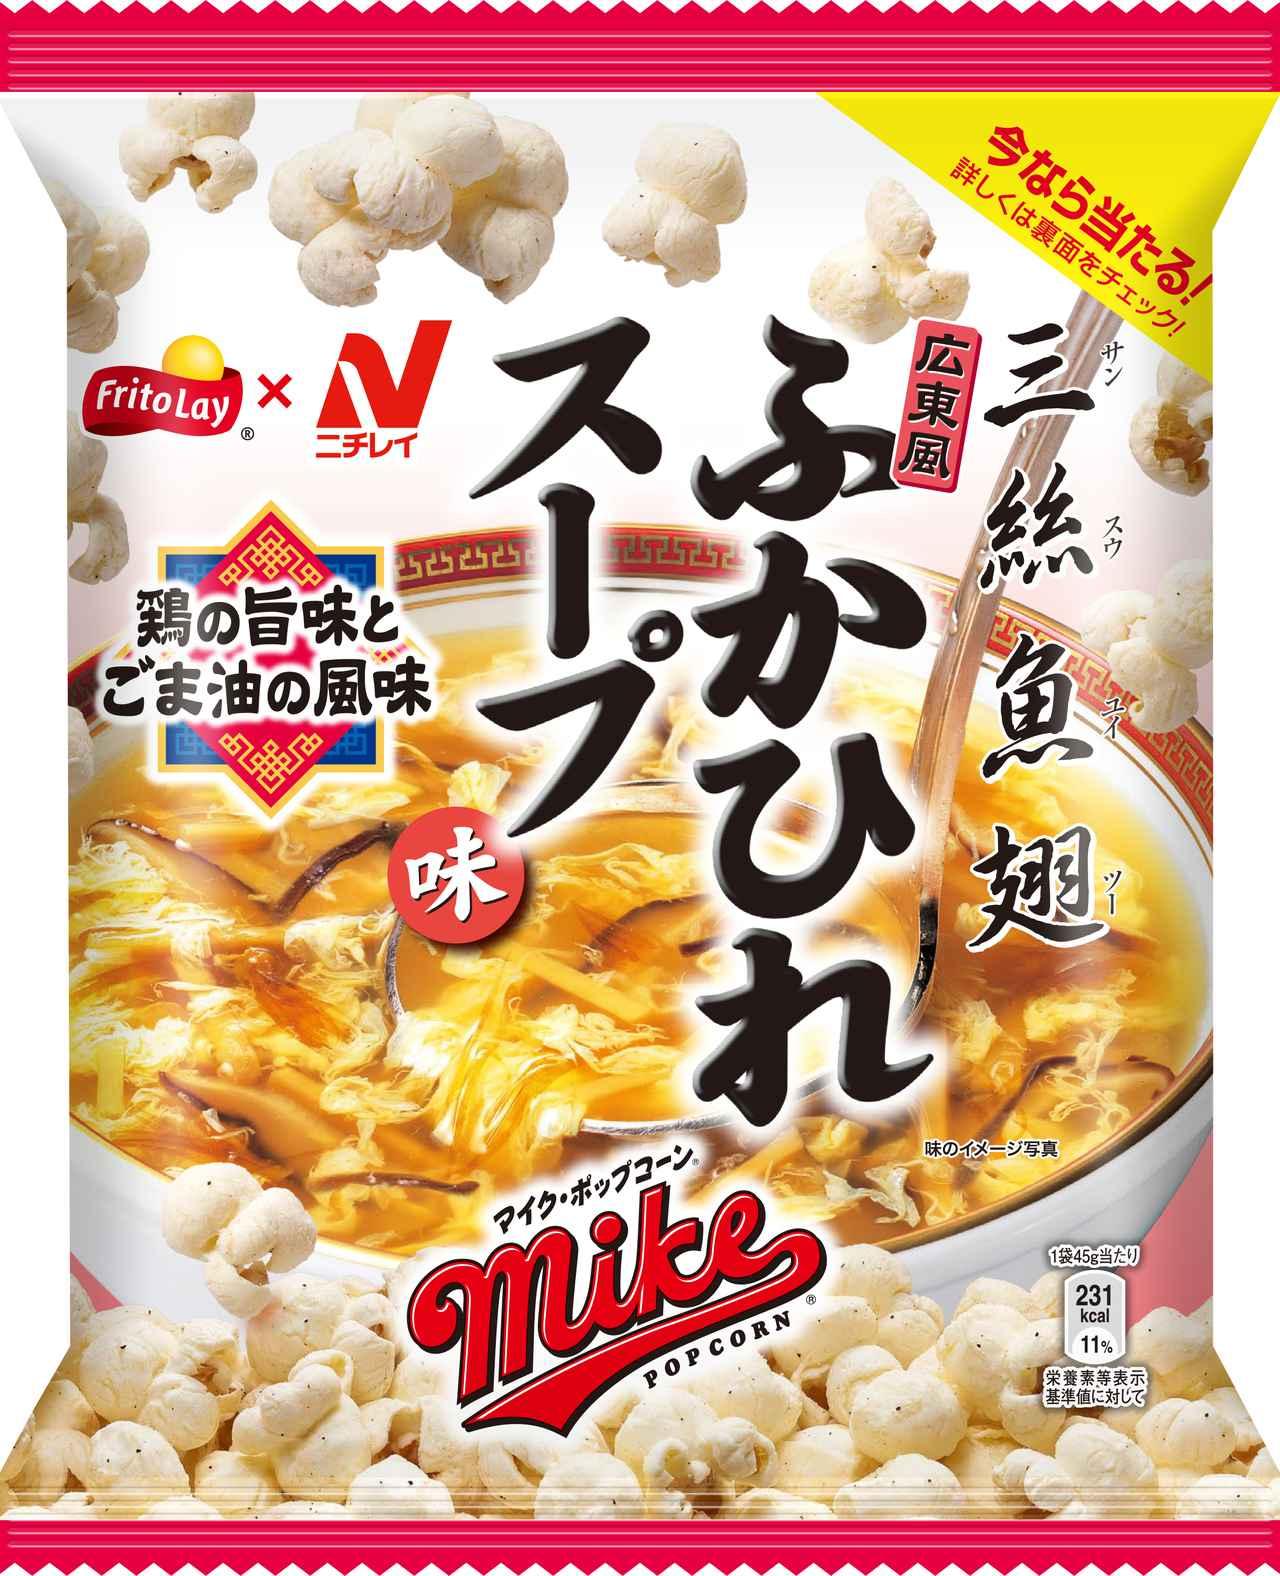 画像: 【試食レポ】ニチレイとのコラボ商品再び!『マイクポップコーン ふかひれスープ味』新発売